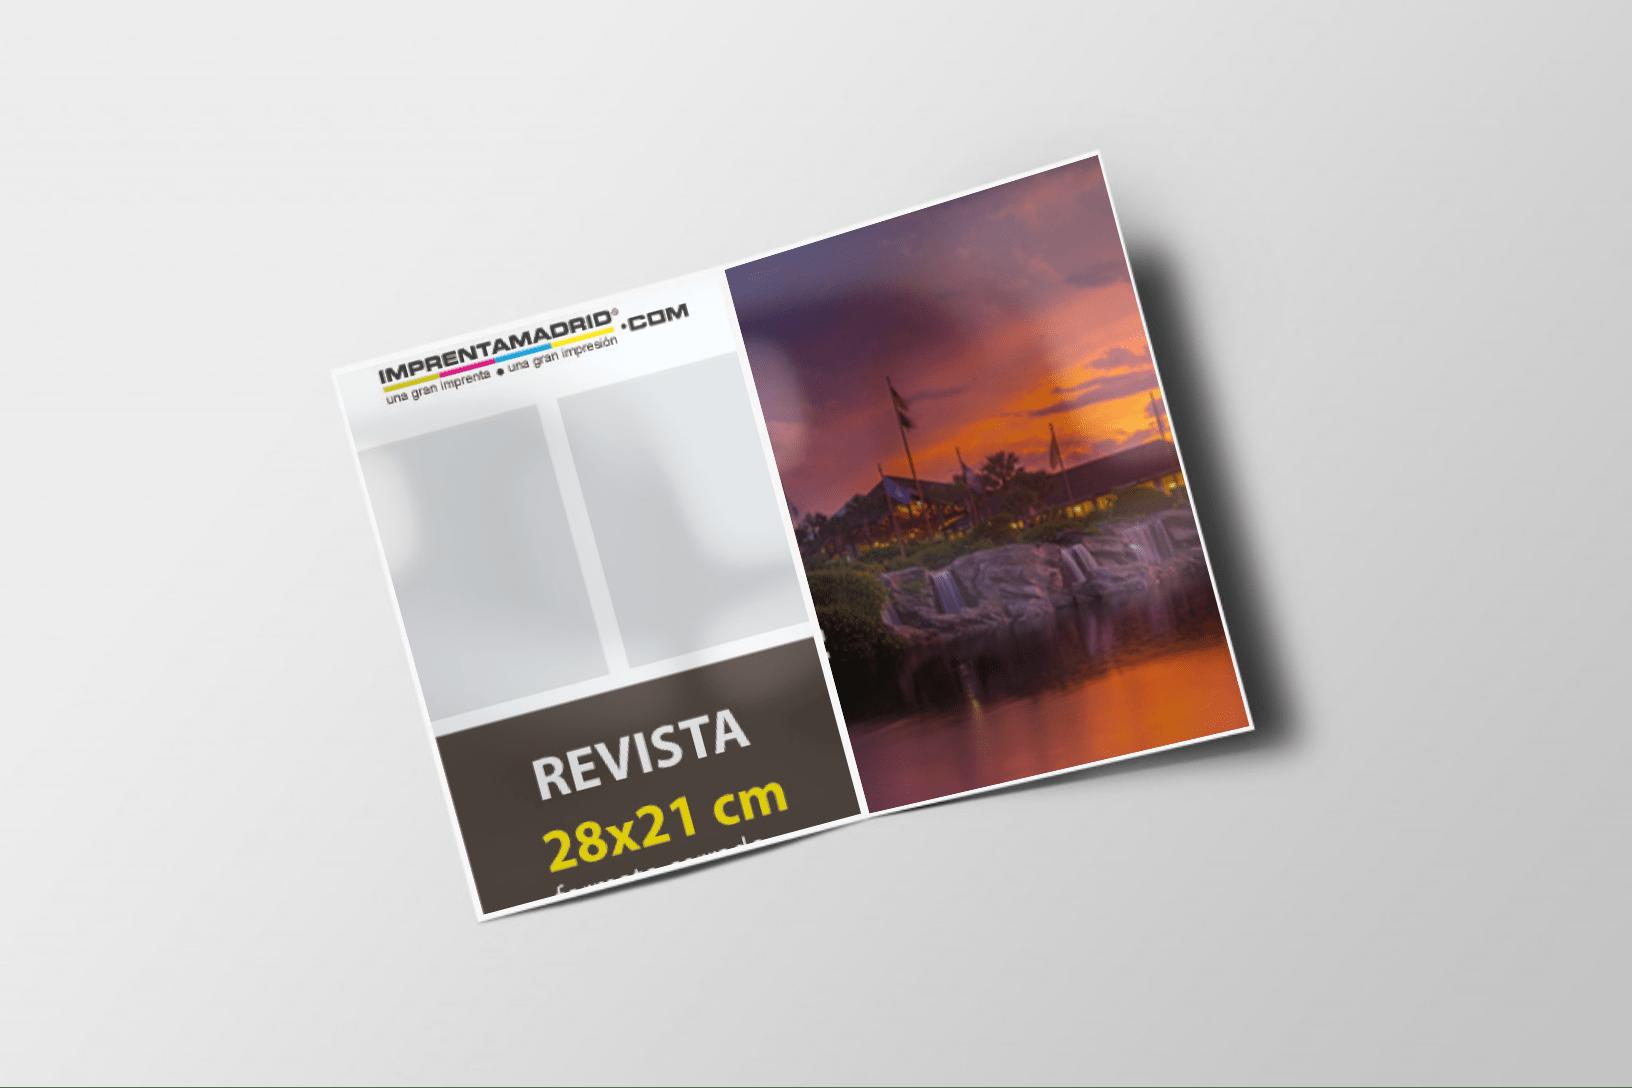 revistas sin cubierta 28×21 cm